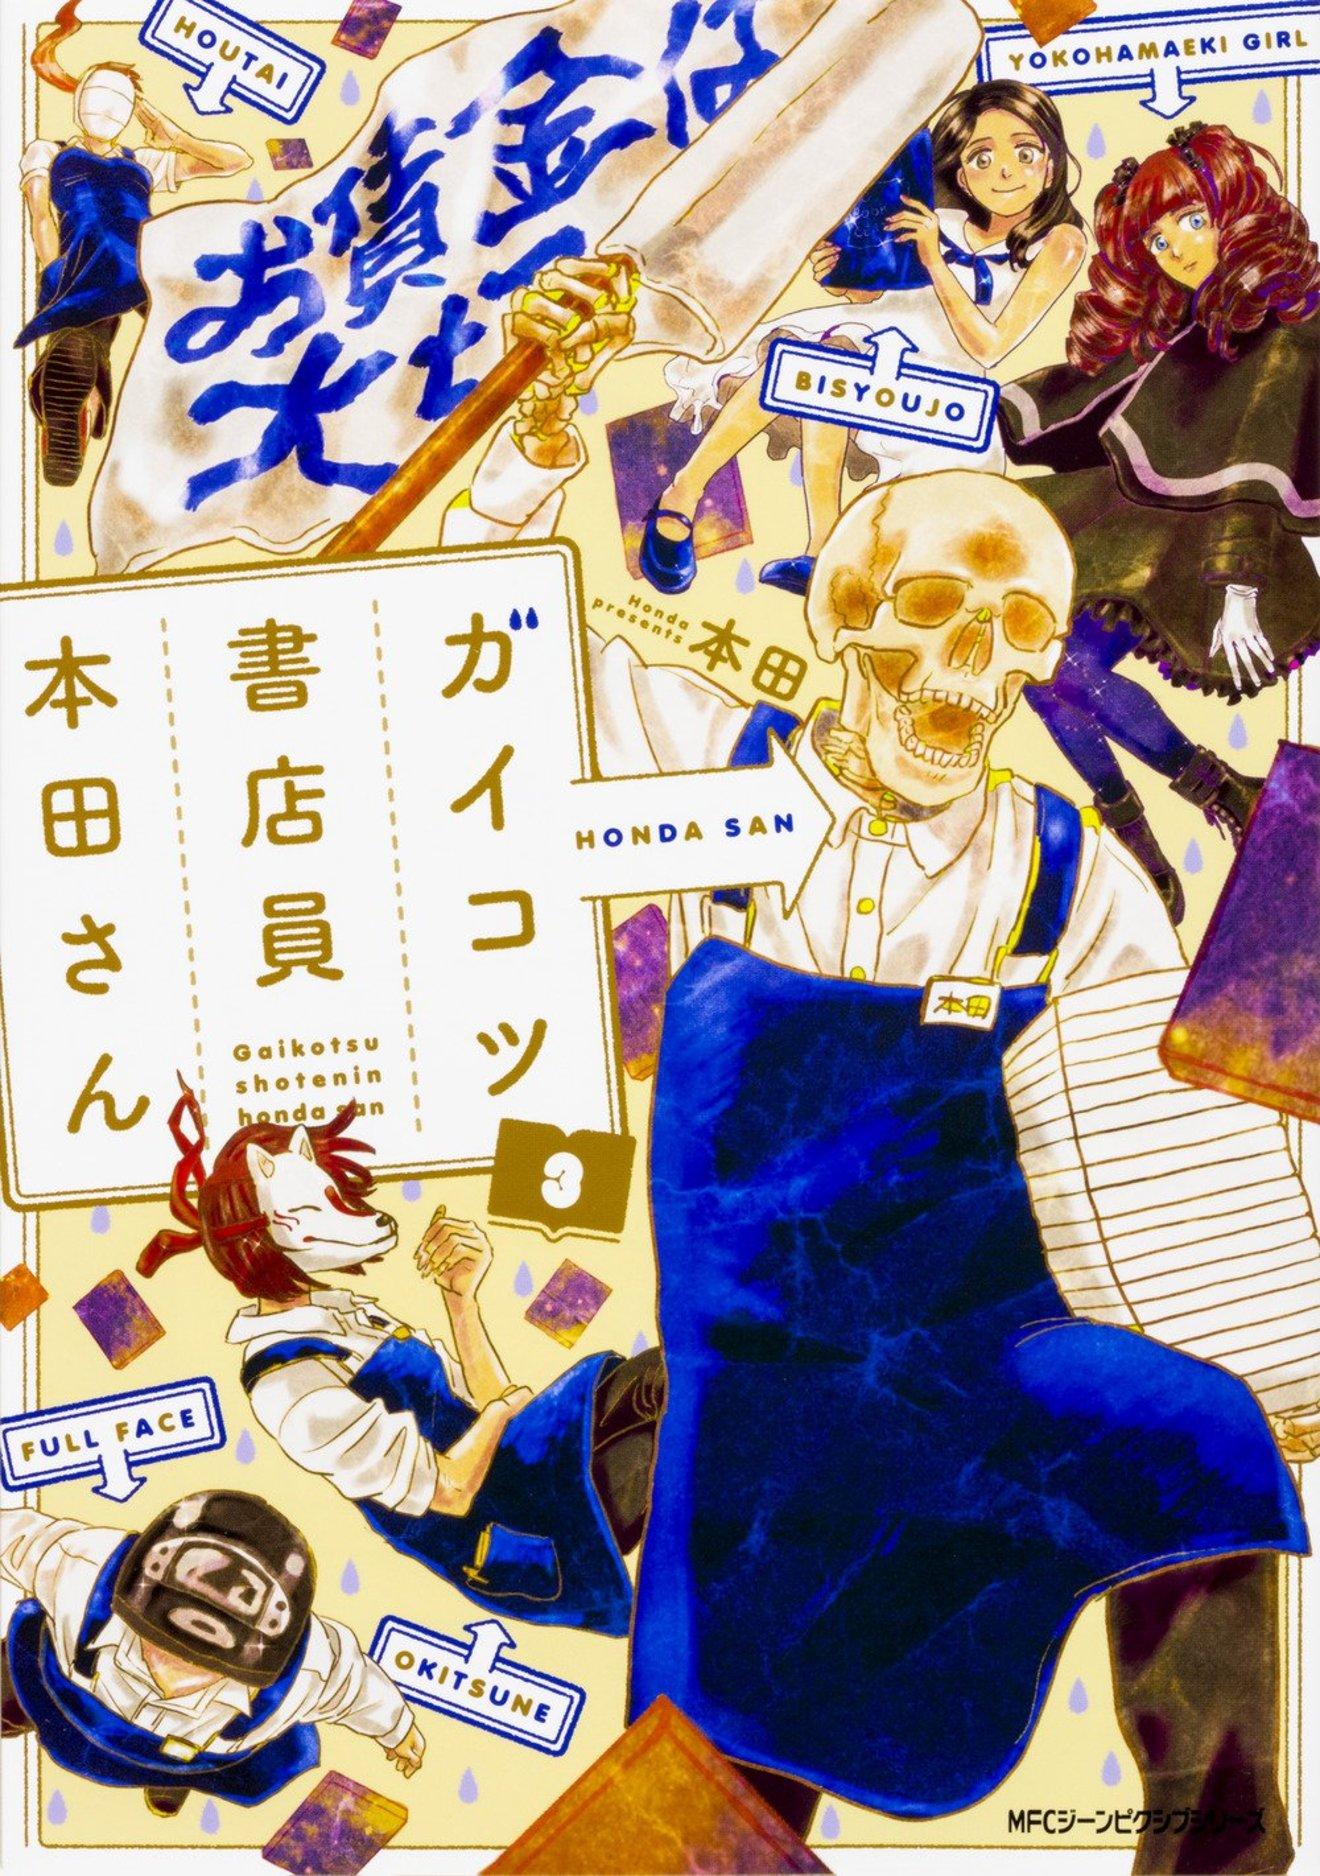 『ガイコツ書店員本田さん』全巻ネタバレ!書店での事件がすごいアニメ化漫画